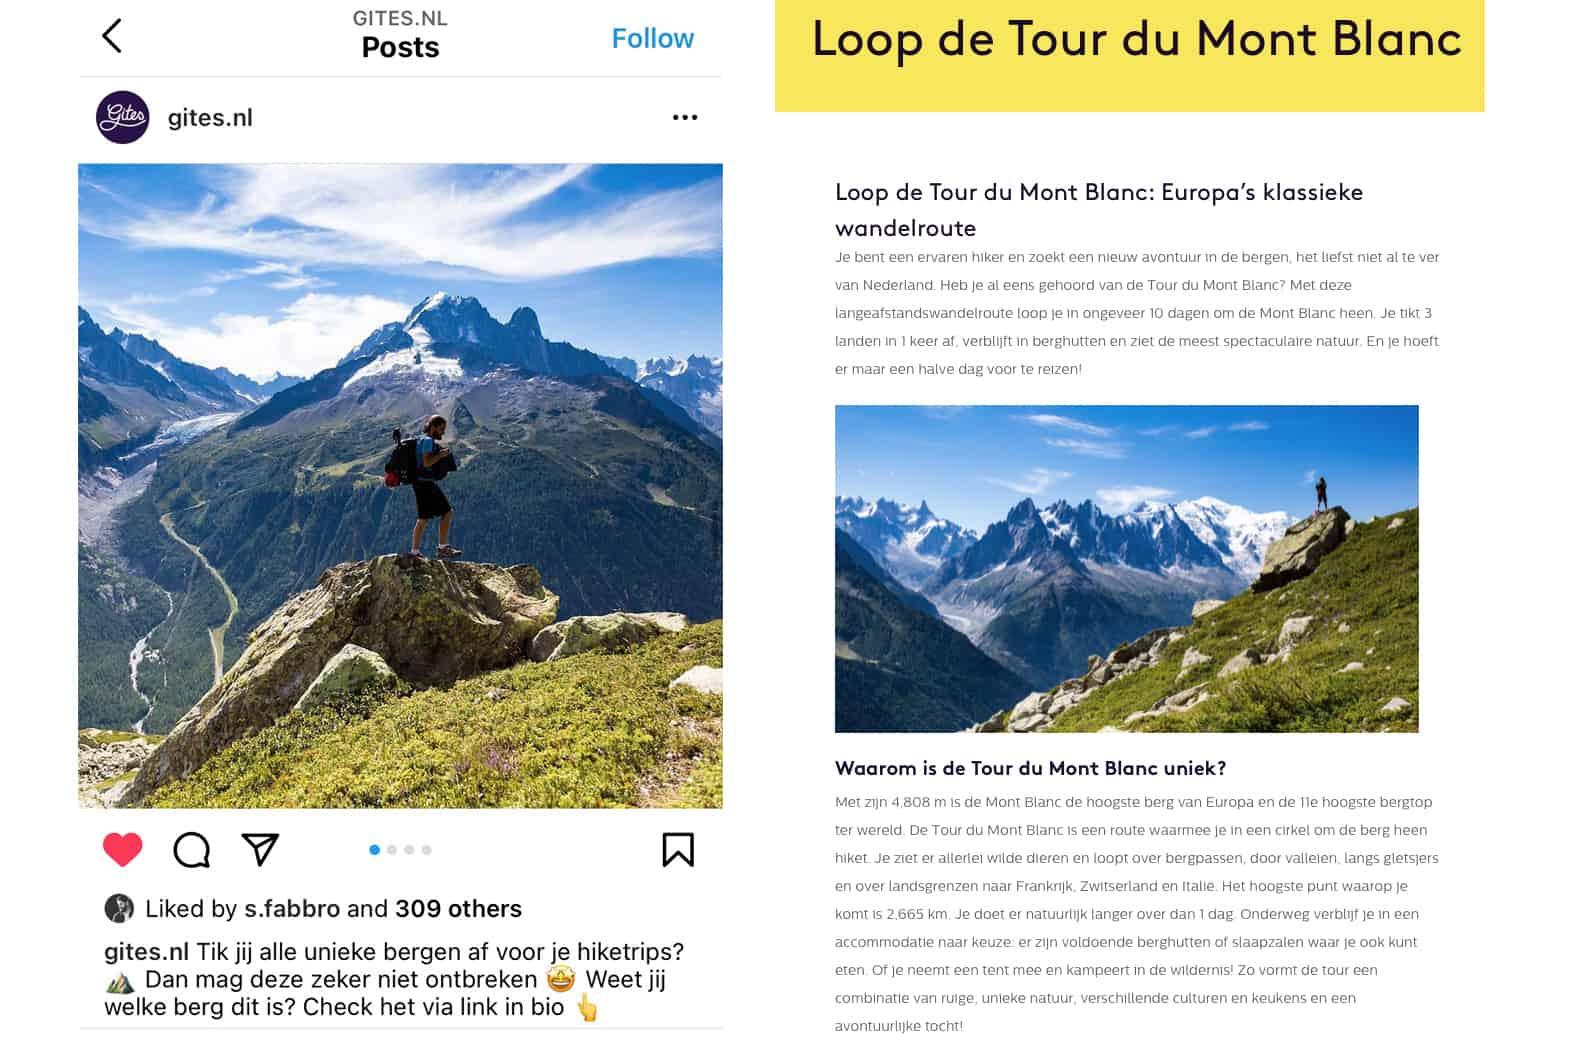 Campagne voor Gites om millennials te motiveren naar de Mont Blanc te gaan